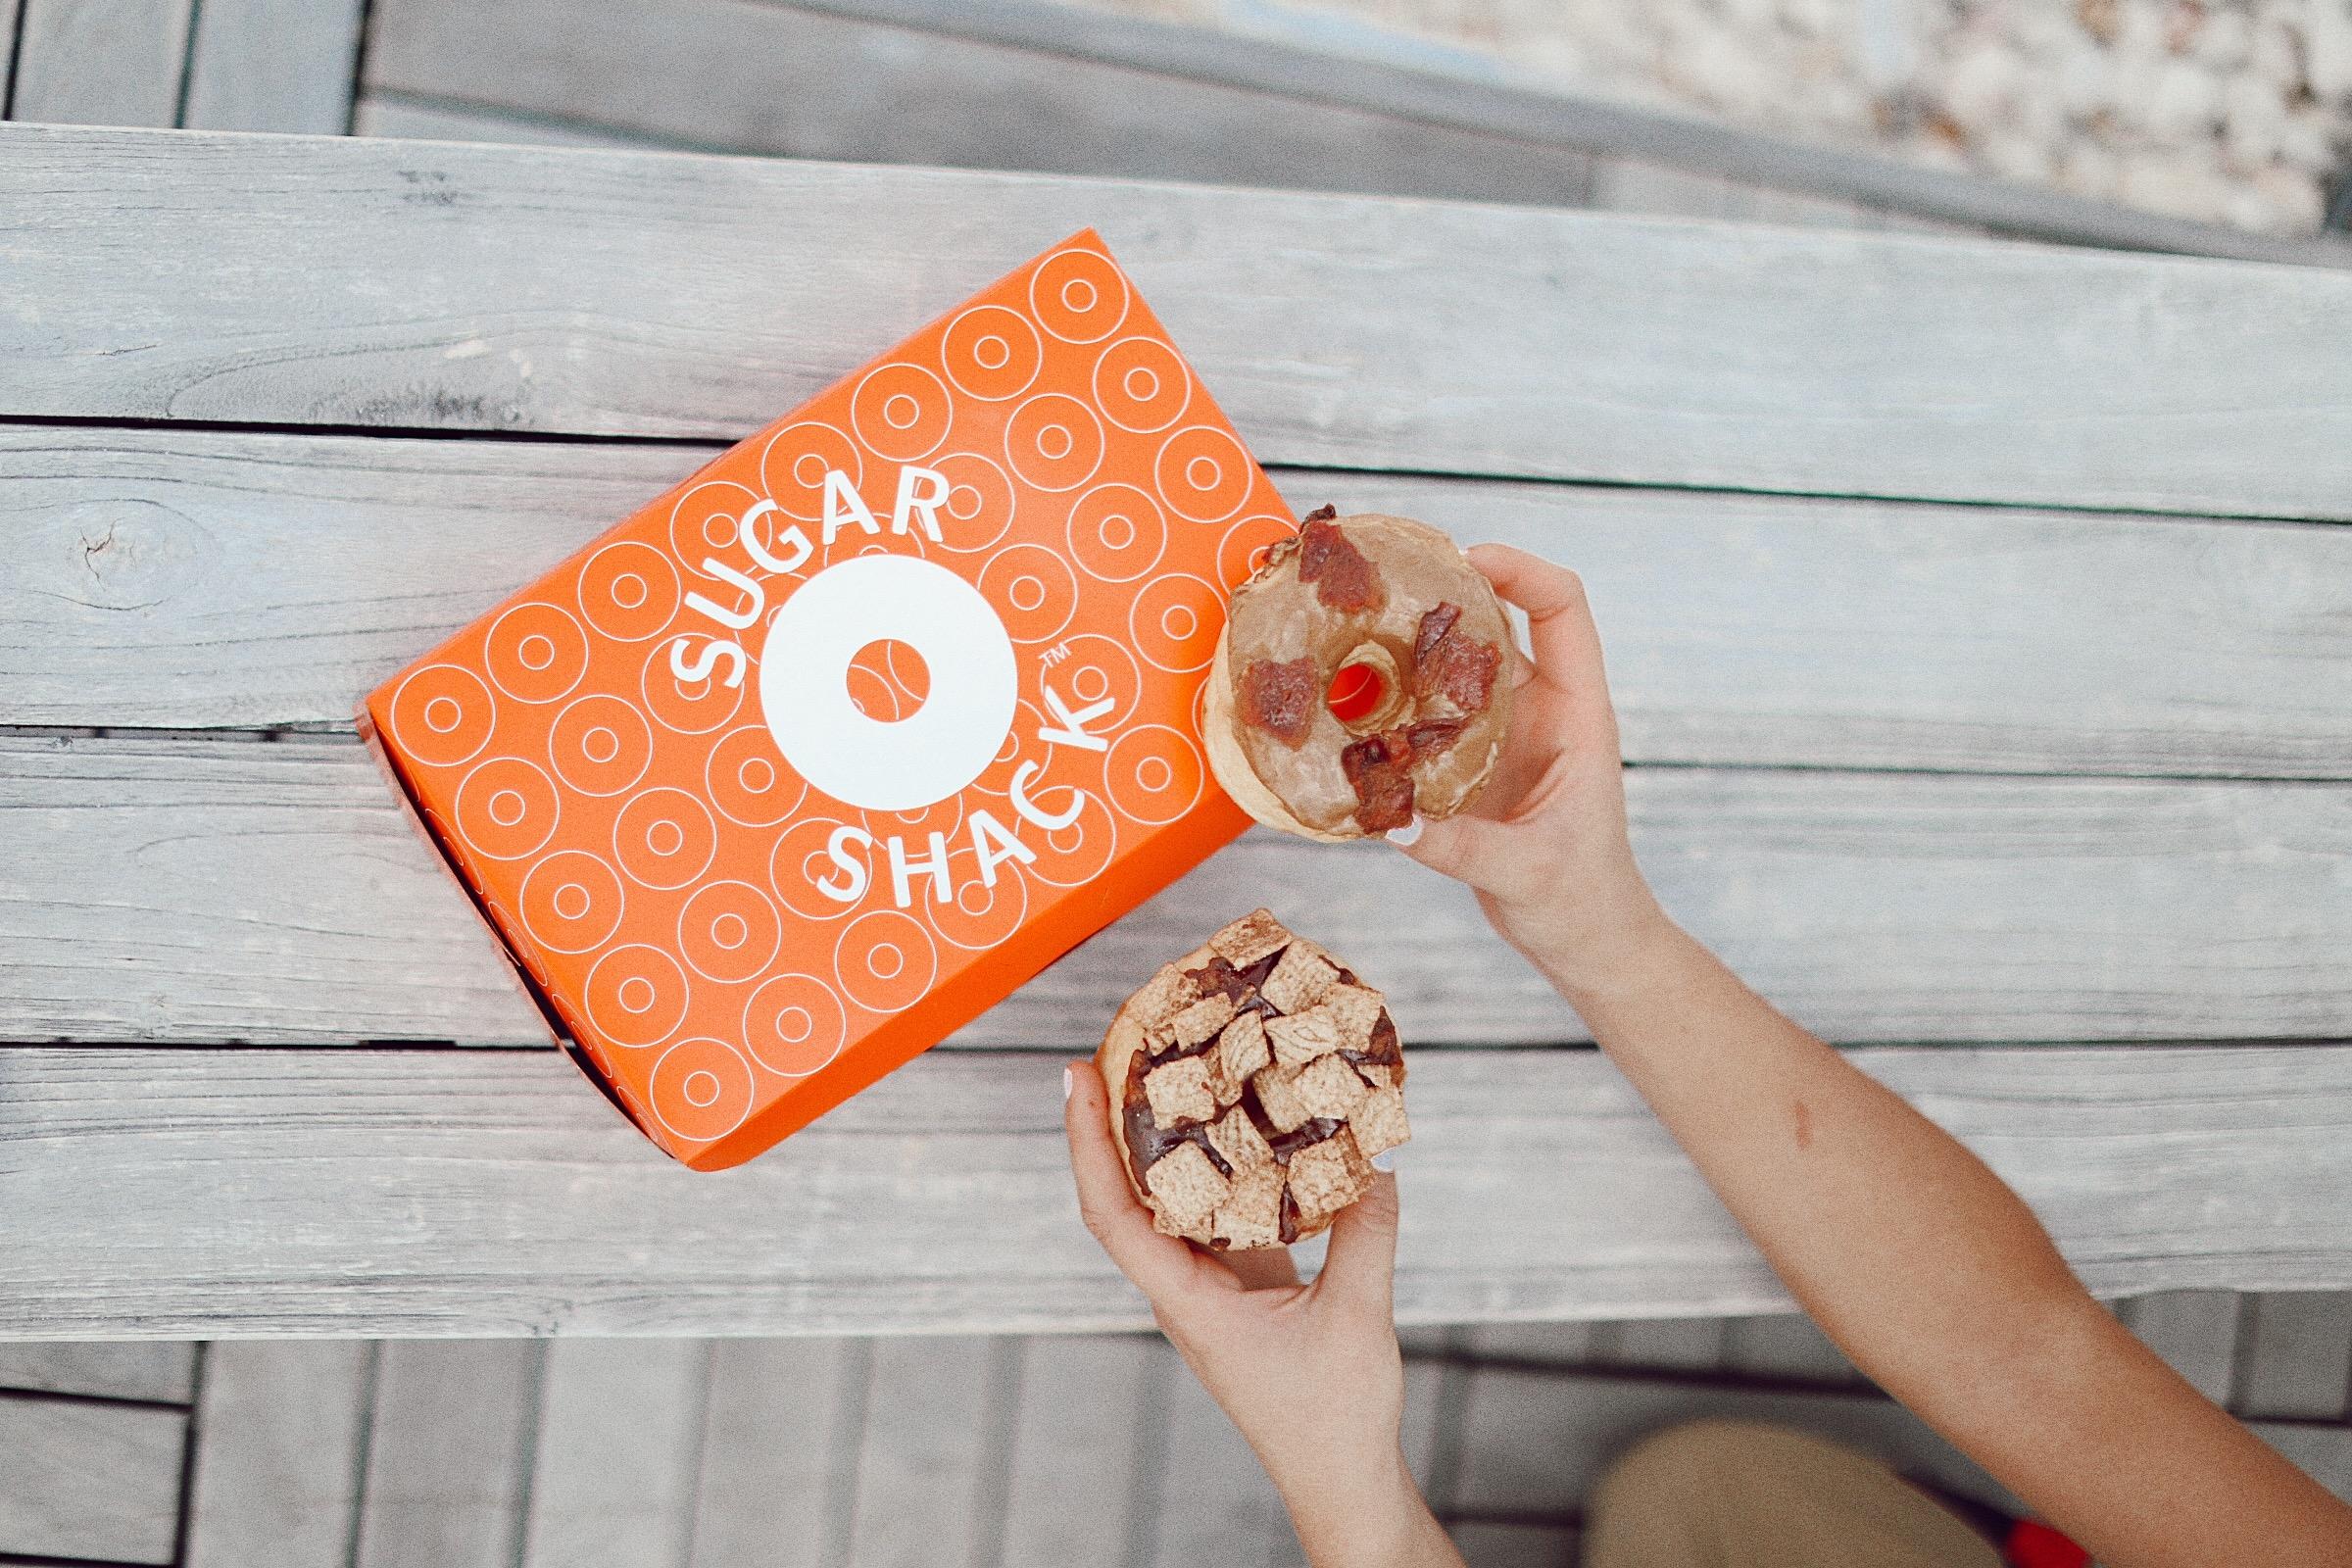 Caila Quinn Richmond Virginia Travel Guide Sugar Shack Donuts